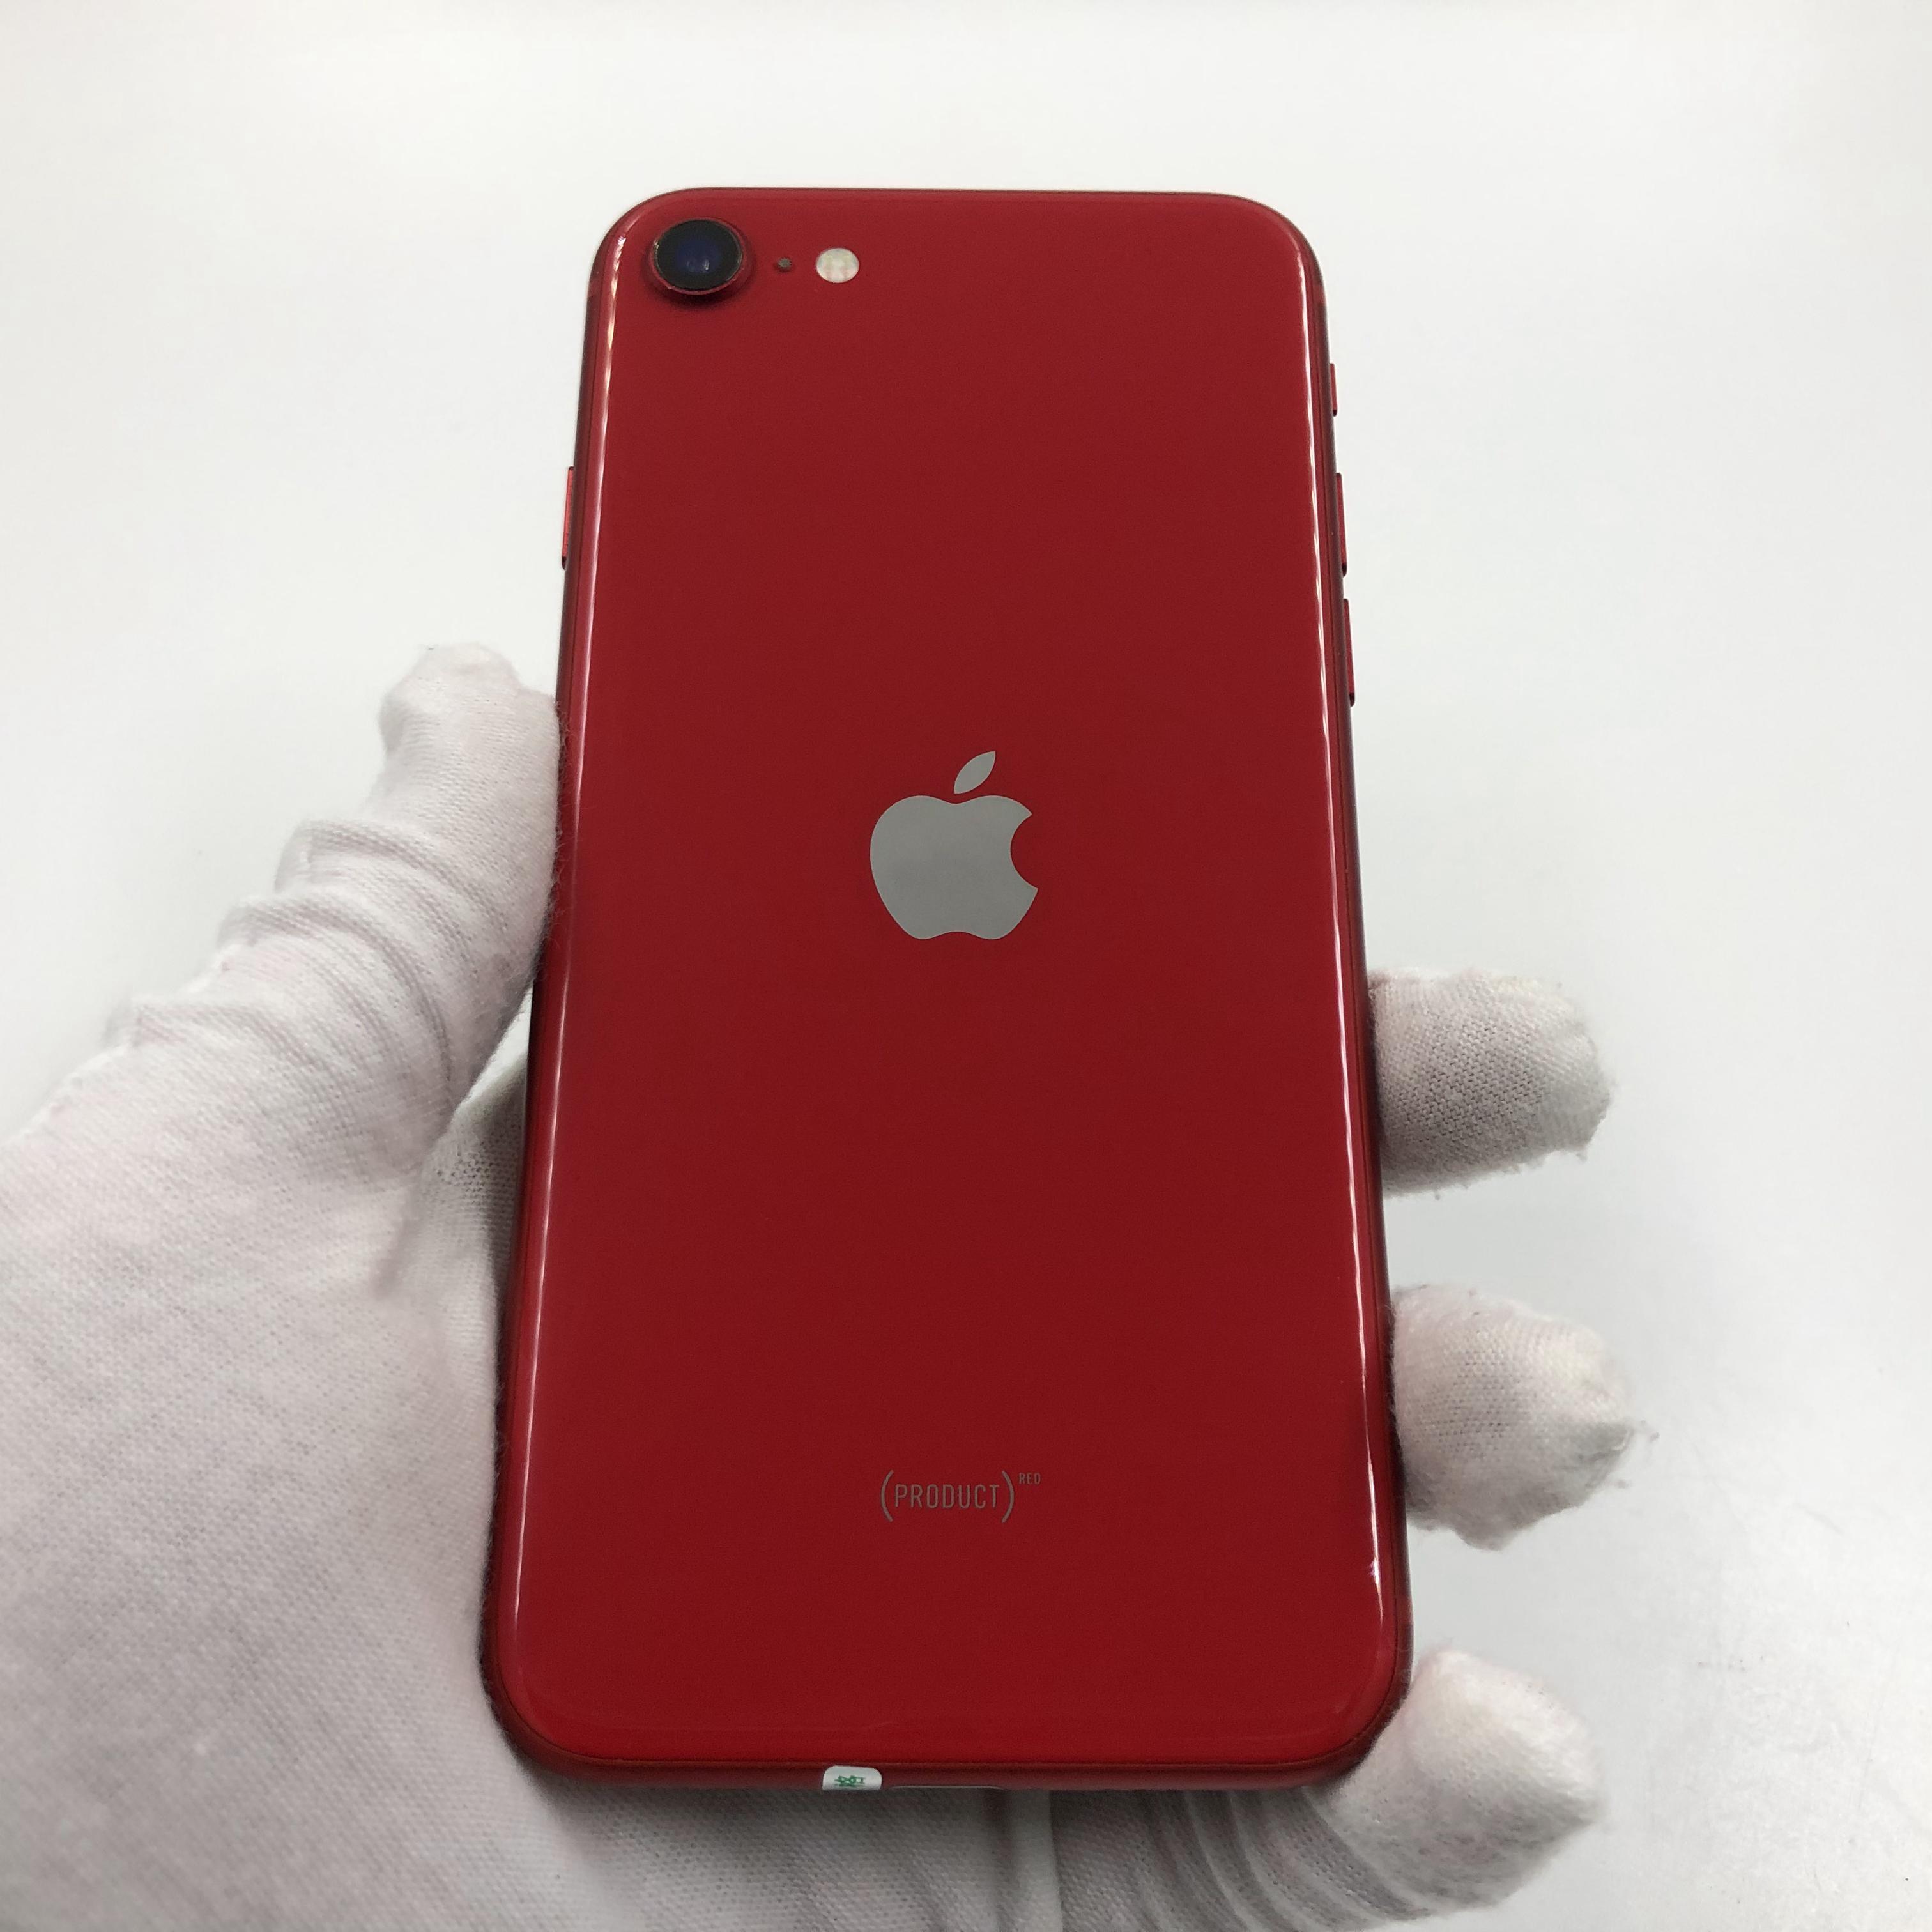 苹果【iPhone SE2】4G全网通 红色 128G 国行 7成新 真机实拍